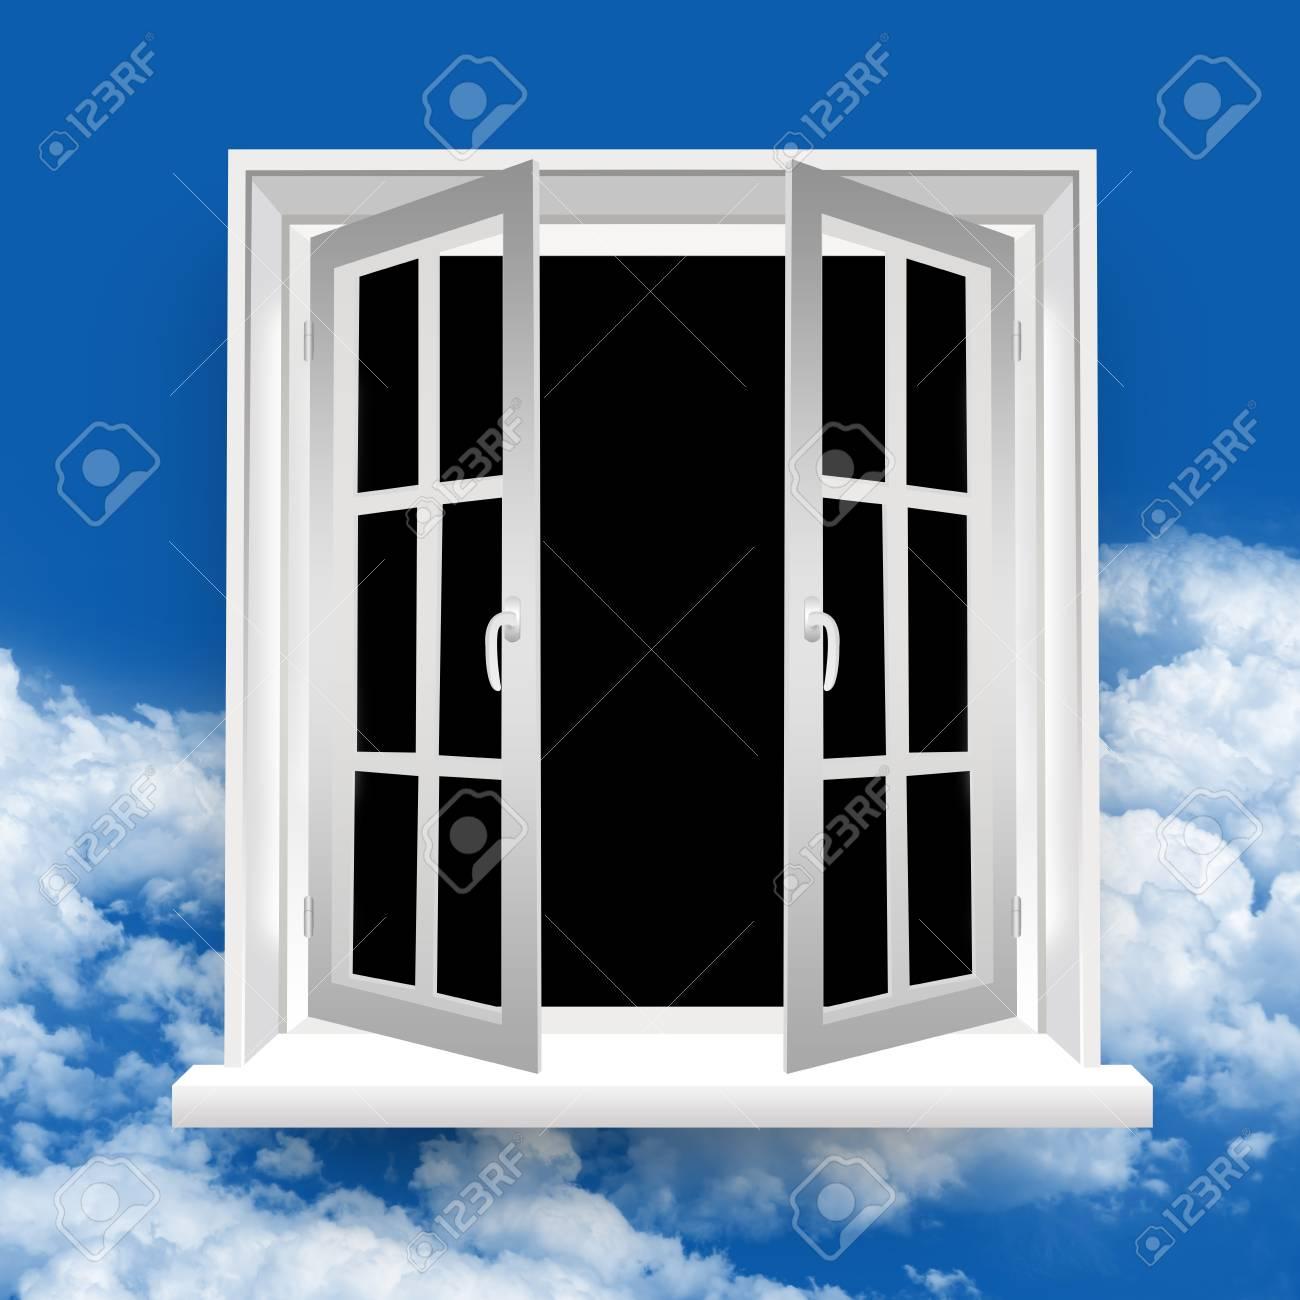 The Secret Open Window in Blue Sky Background Stock Photo - 17404502